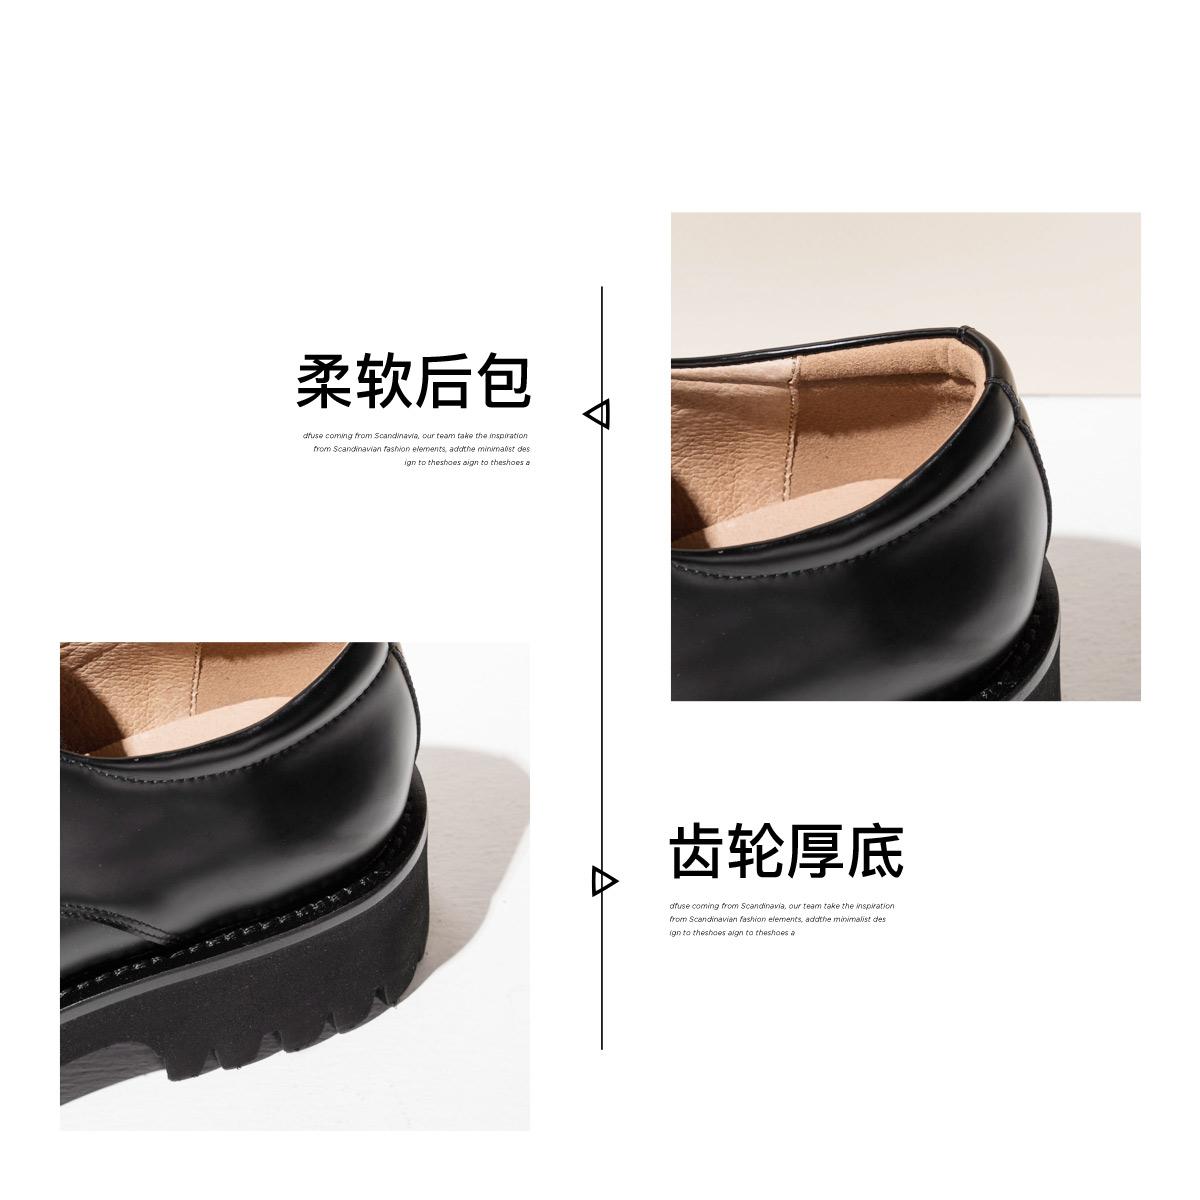 SS03112002 秋季新款休闲女 2020 星期六时尚单鞋厚底休闲深口女单鞋